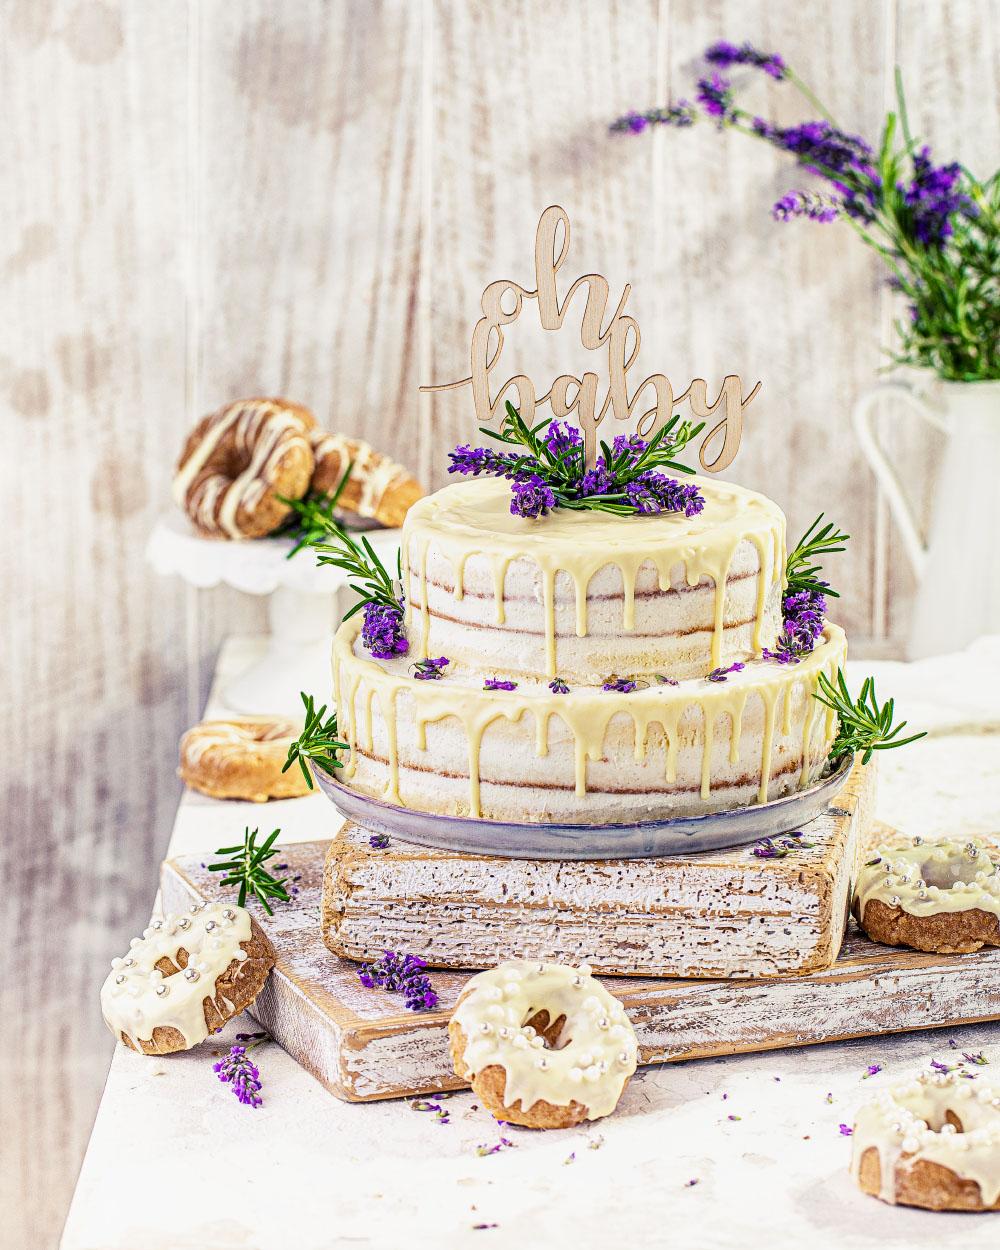 Naked-Cake Baby Shower Torte einfaches rezept selber machen mit fertigen Böden